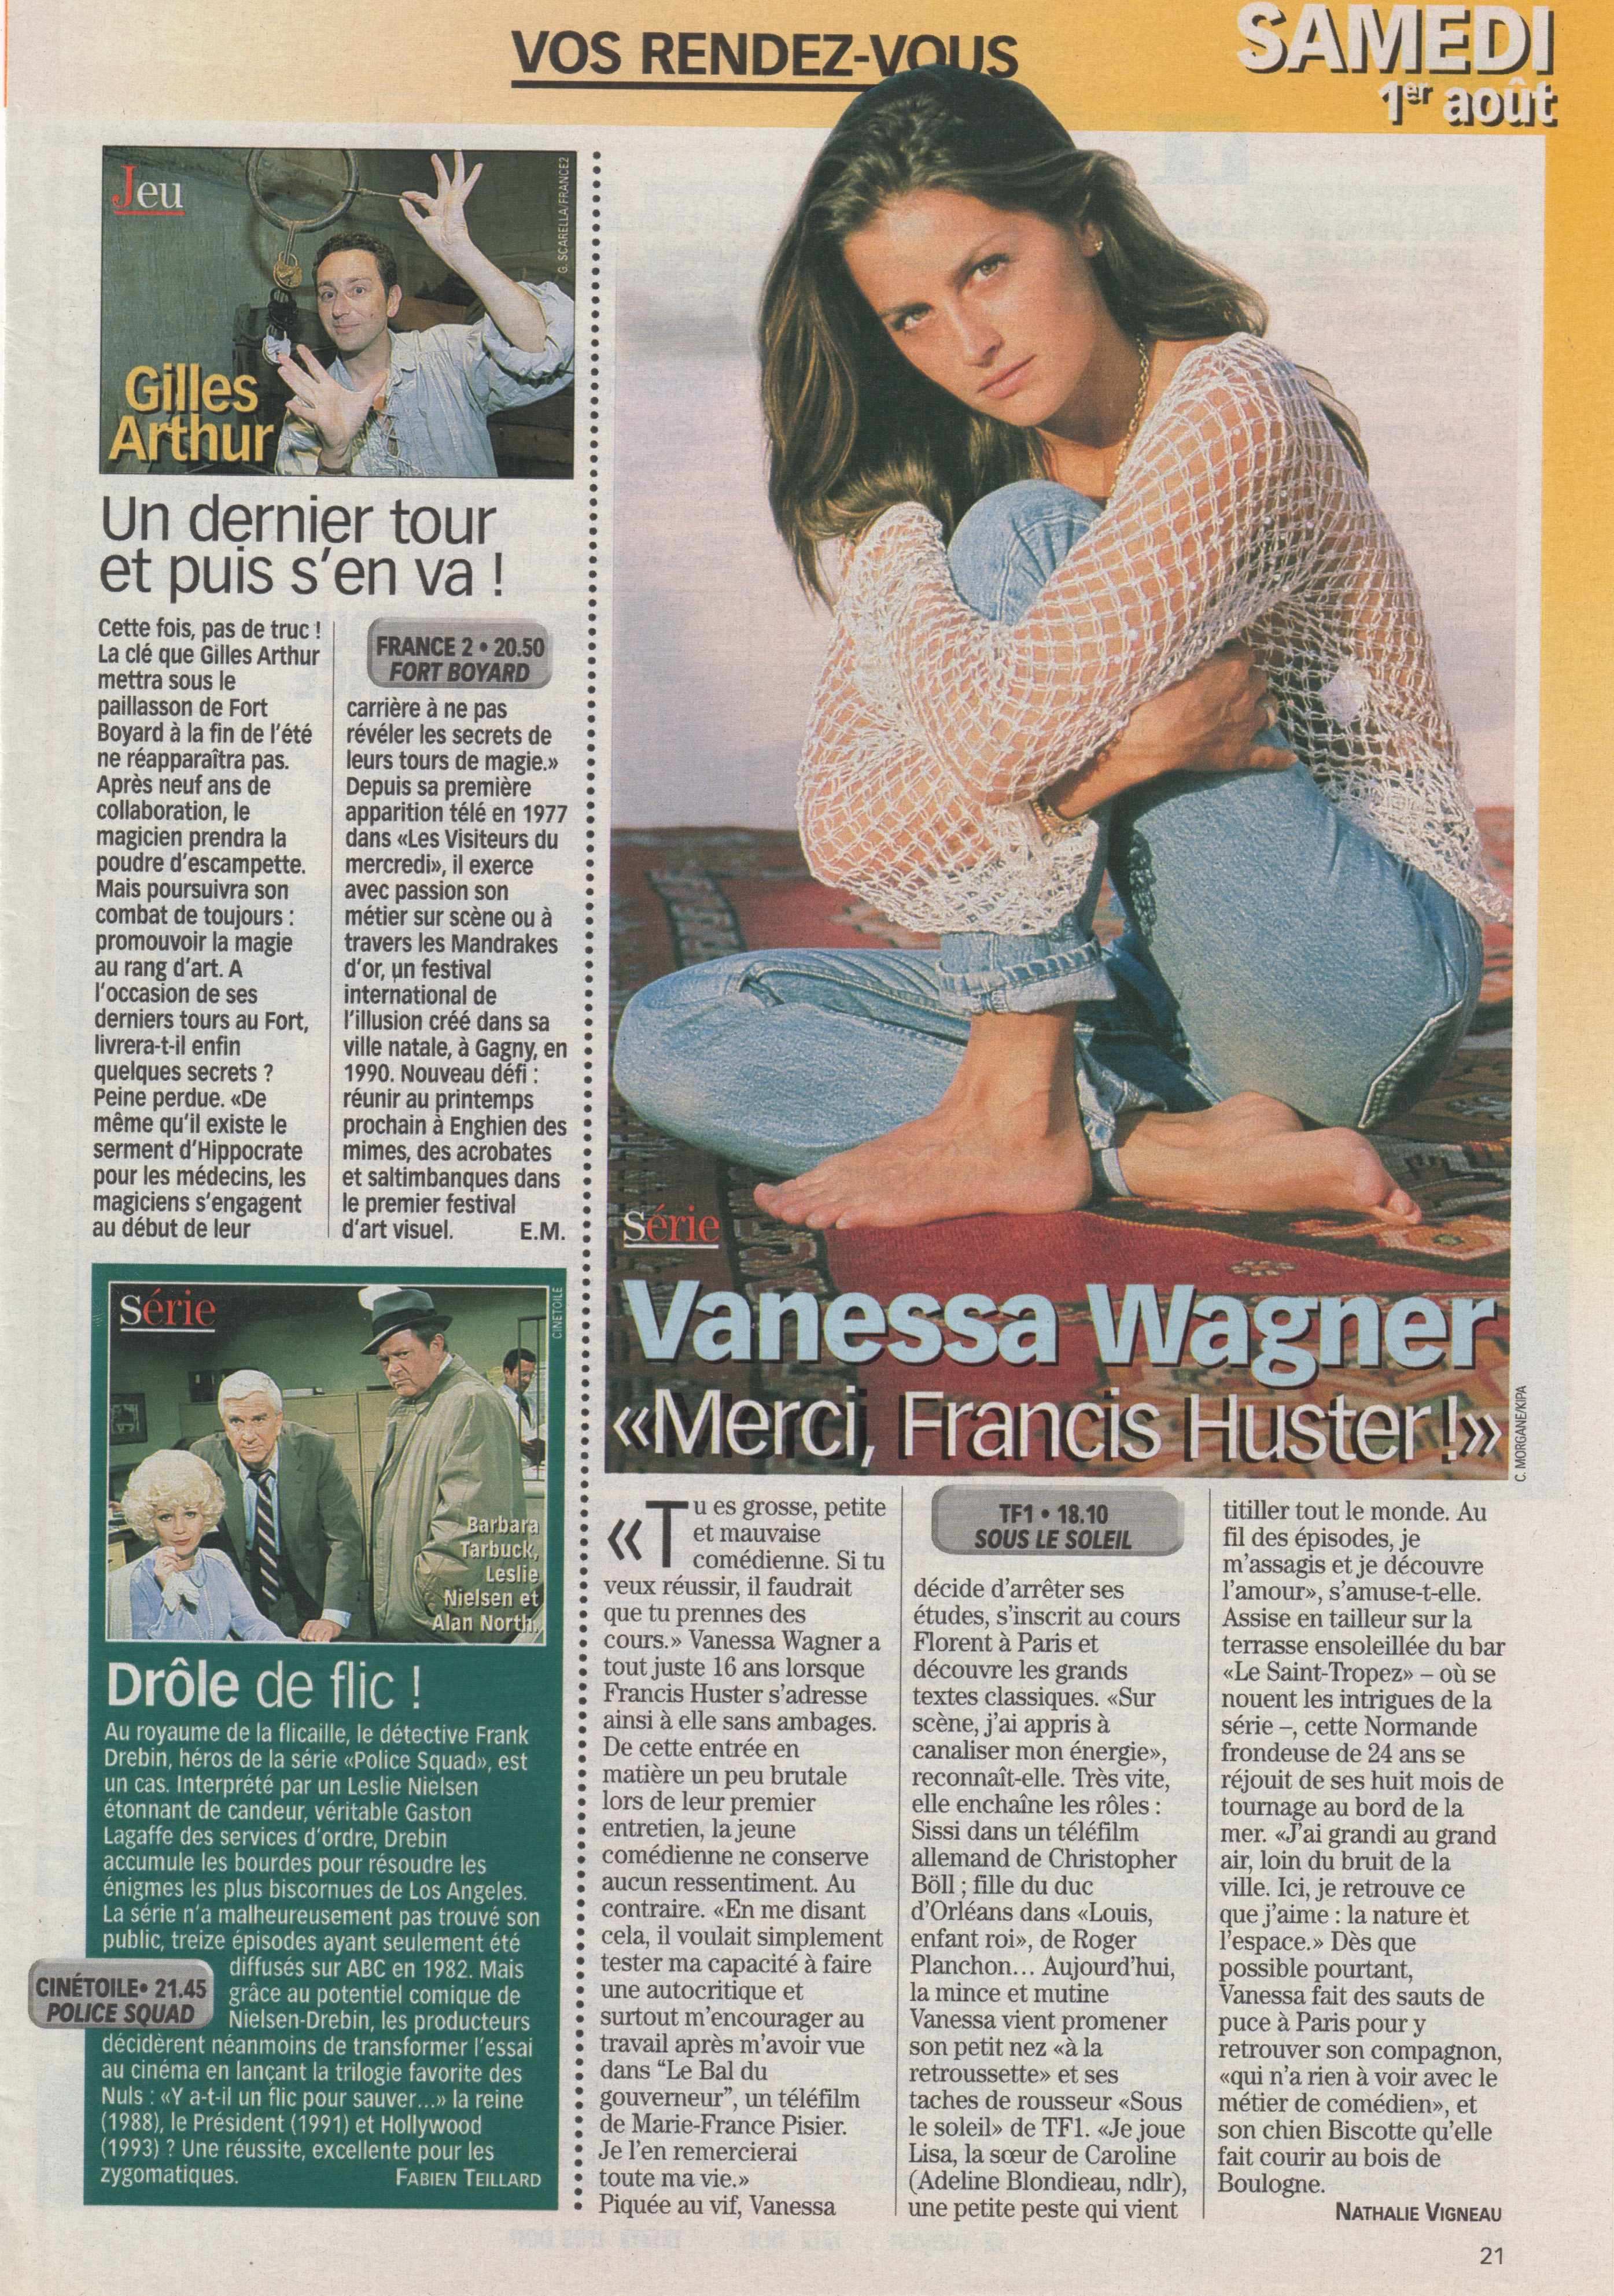 Télé Star Aout 1998